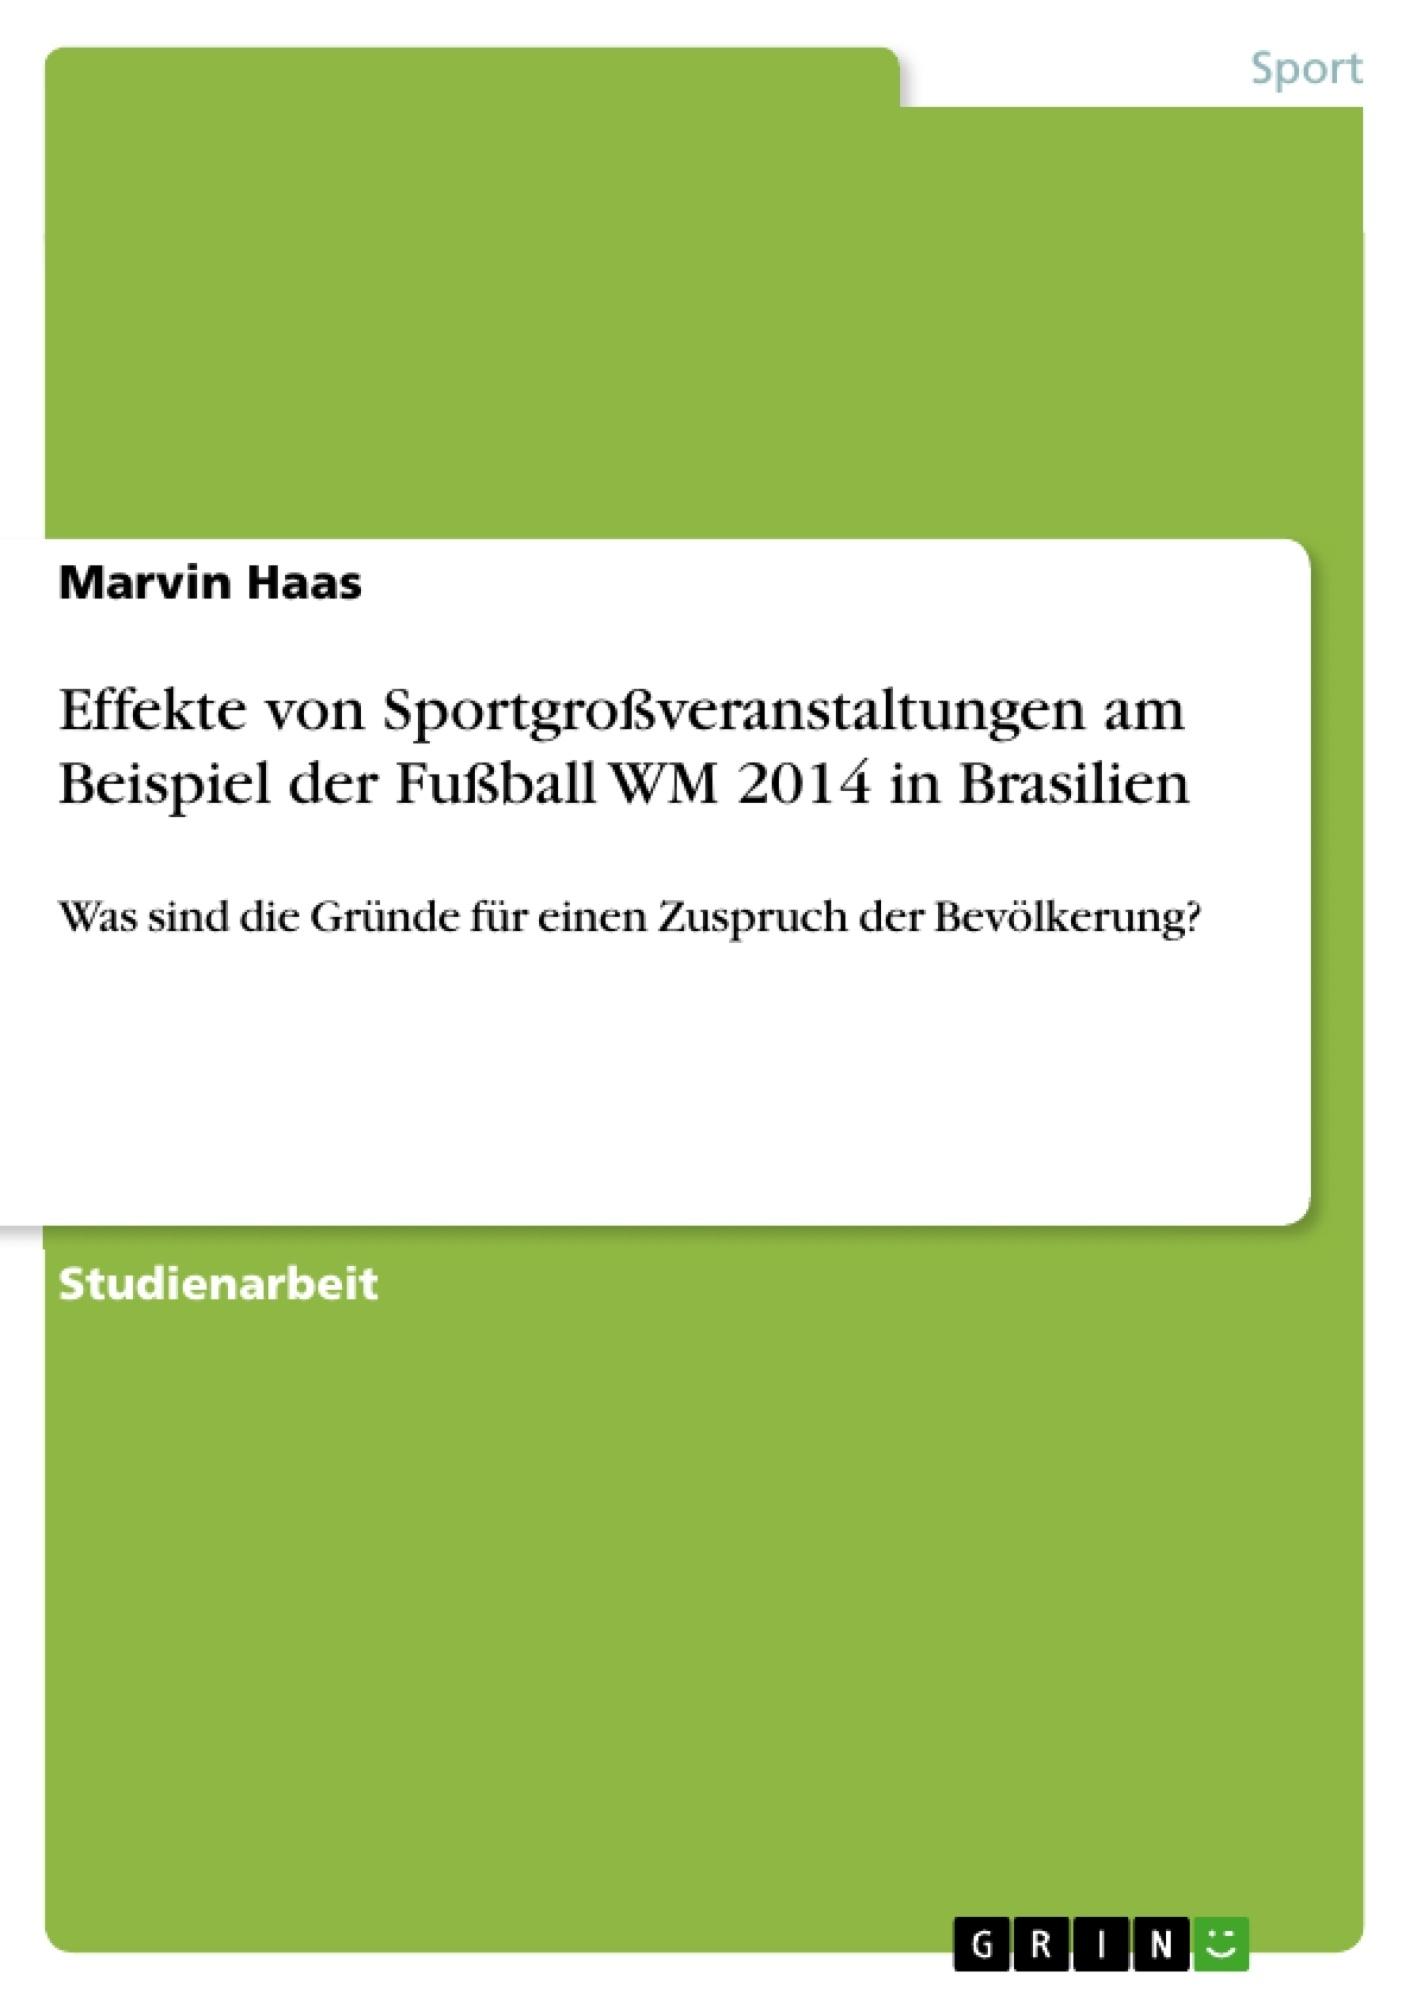 Titel: Effekte von Sportgroßveranstaltungen am Beispiel der Fußball WM 2014 in Brasilien